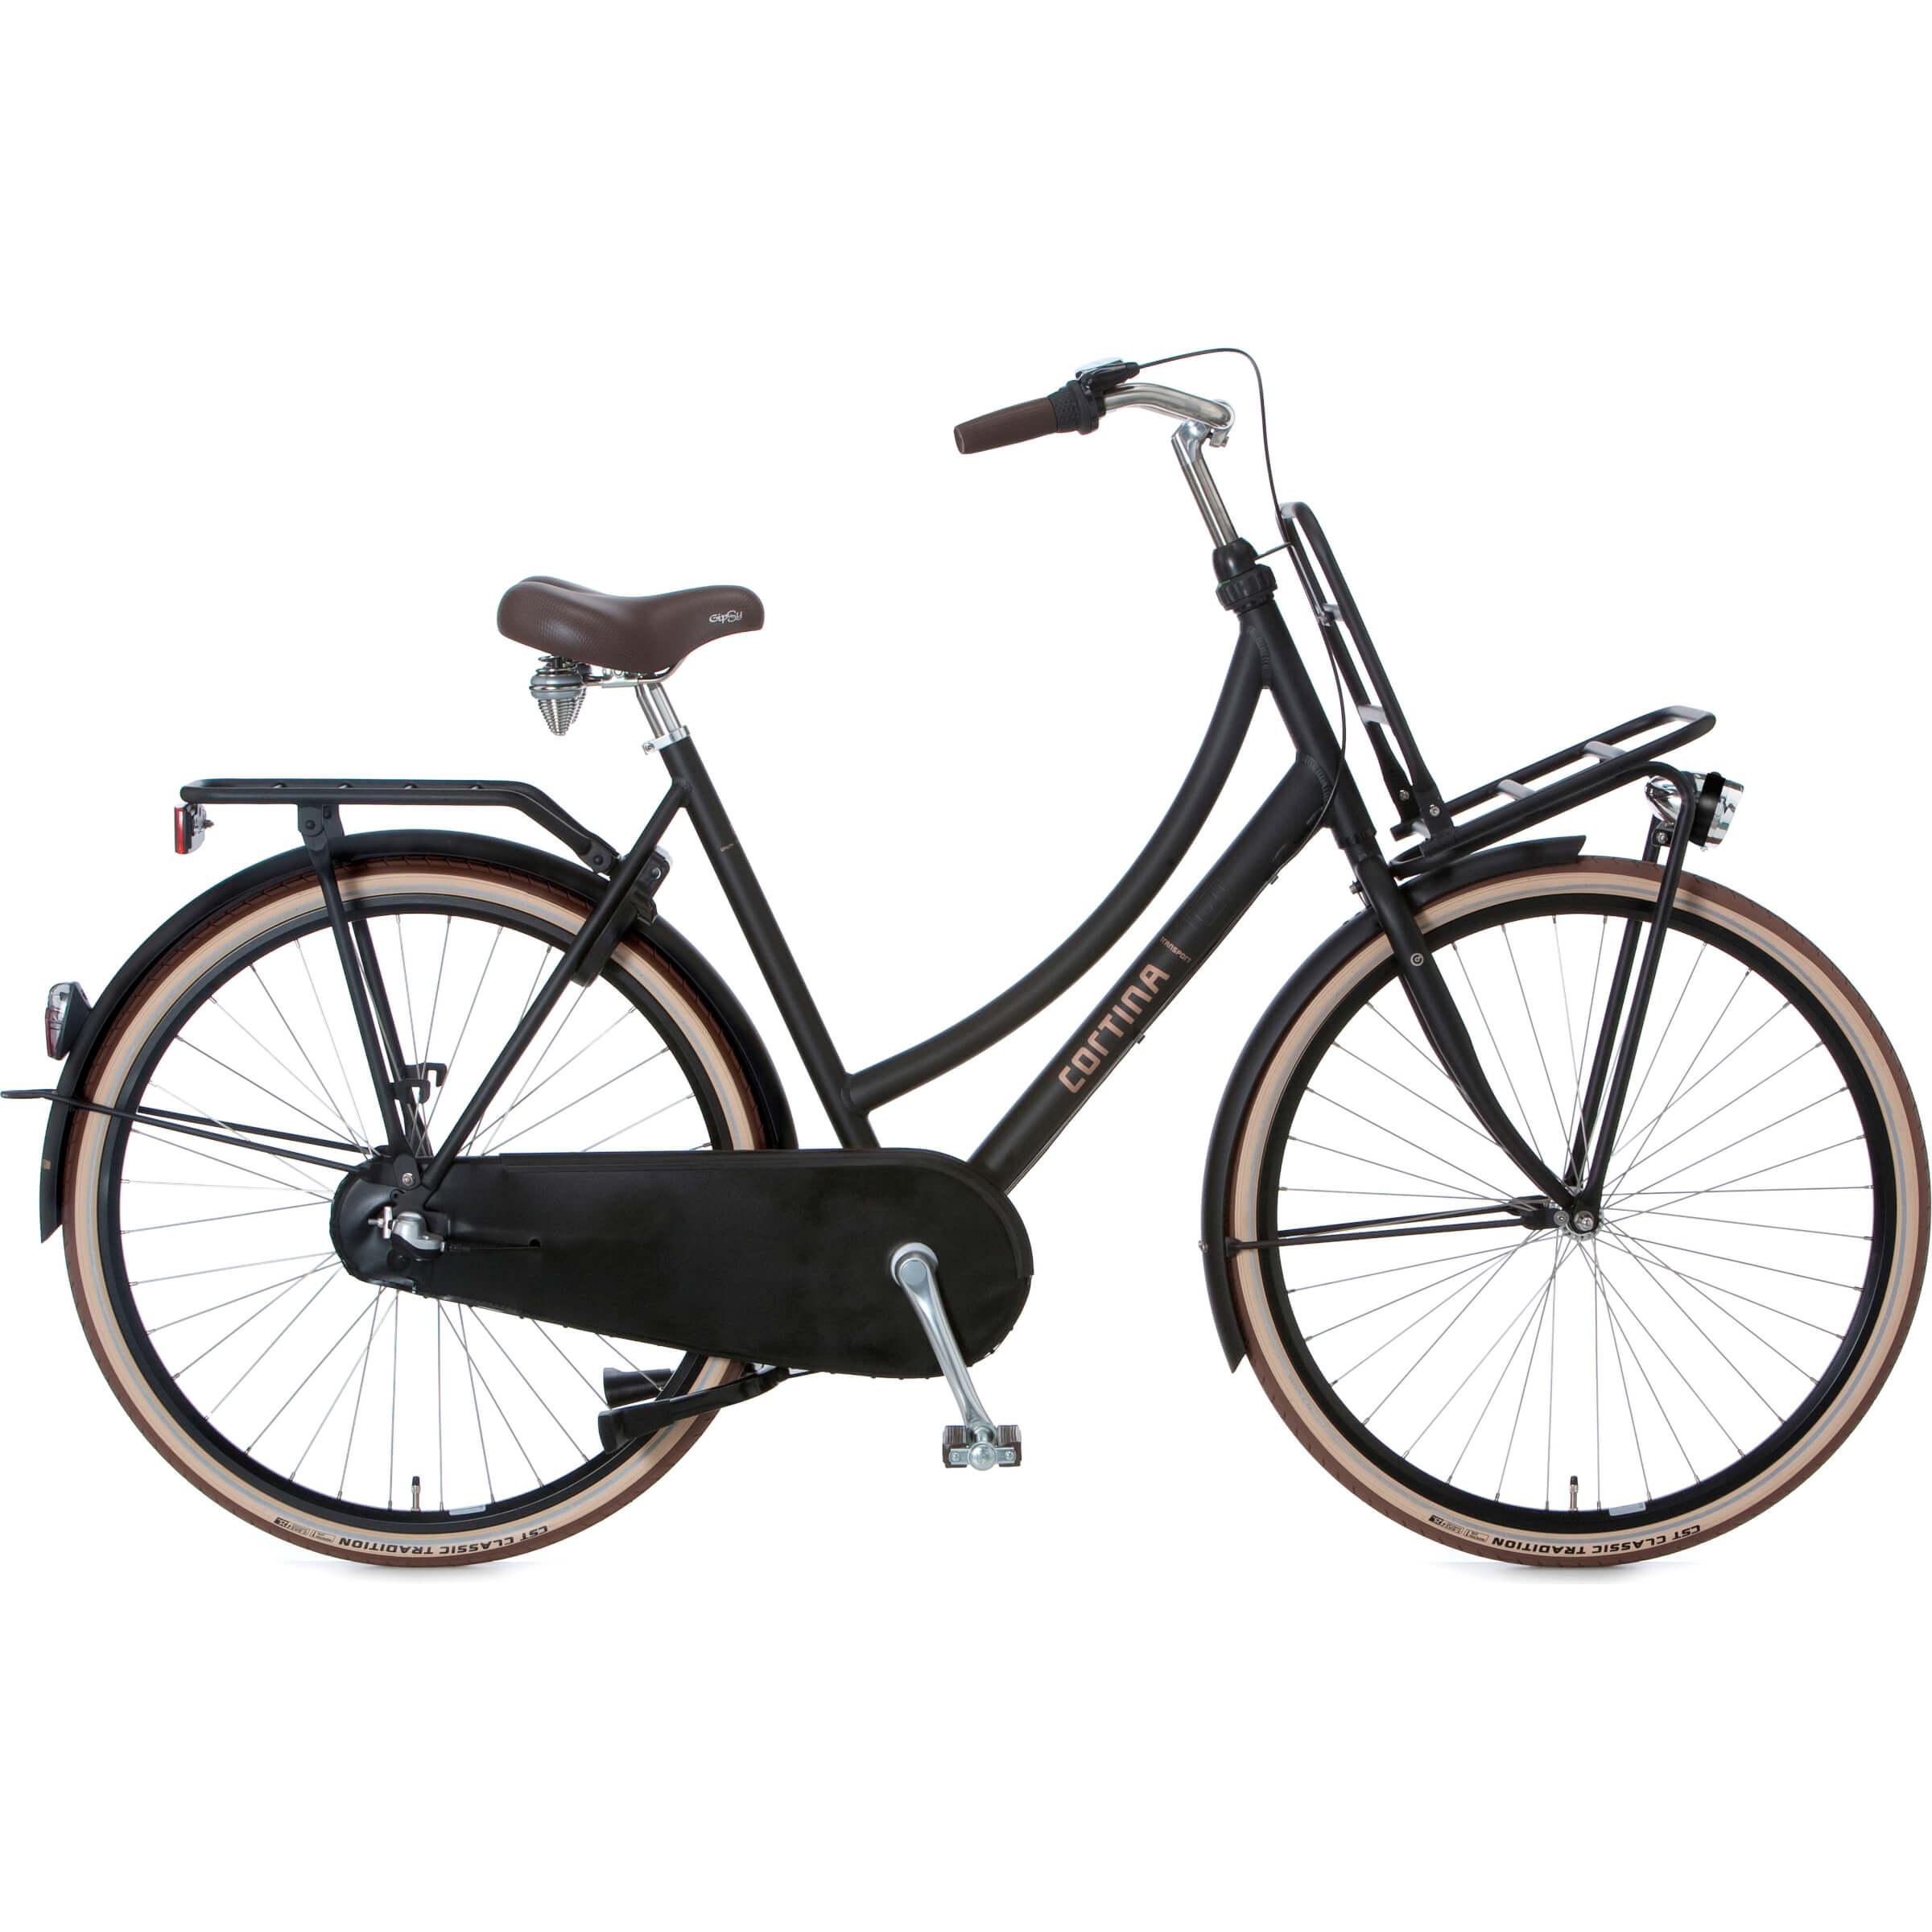 Hedendaags Nieuw binnen, Cortina U4, Wit, Transport fiets. – RB Fietsen NU-82